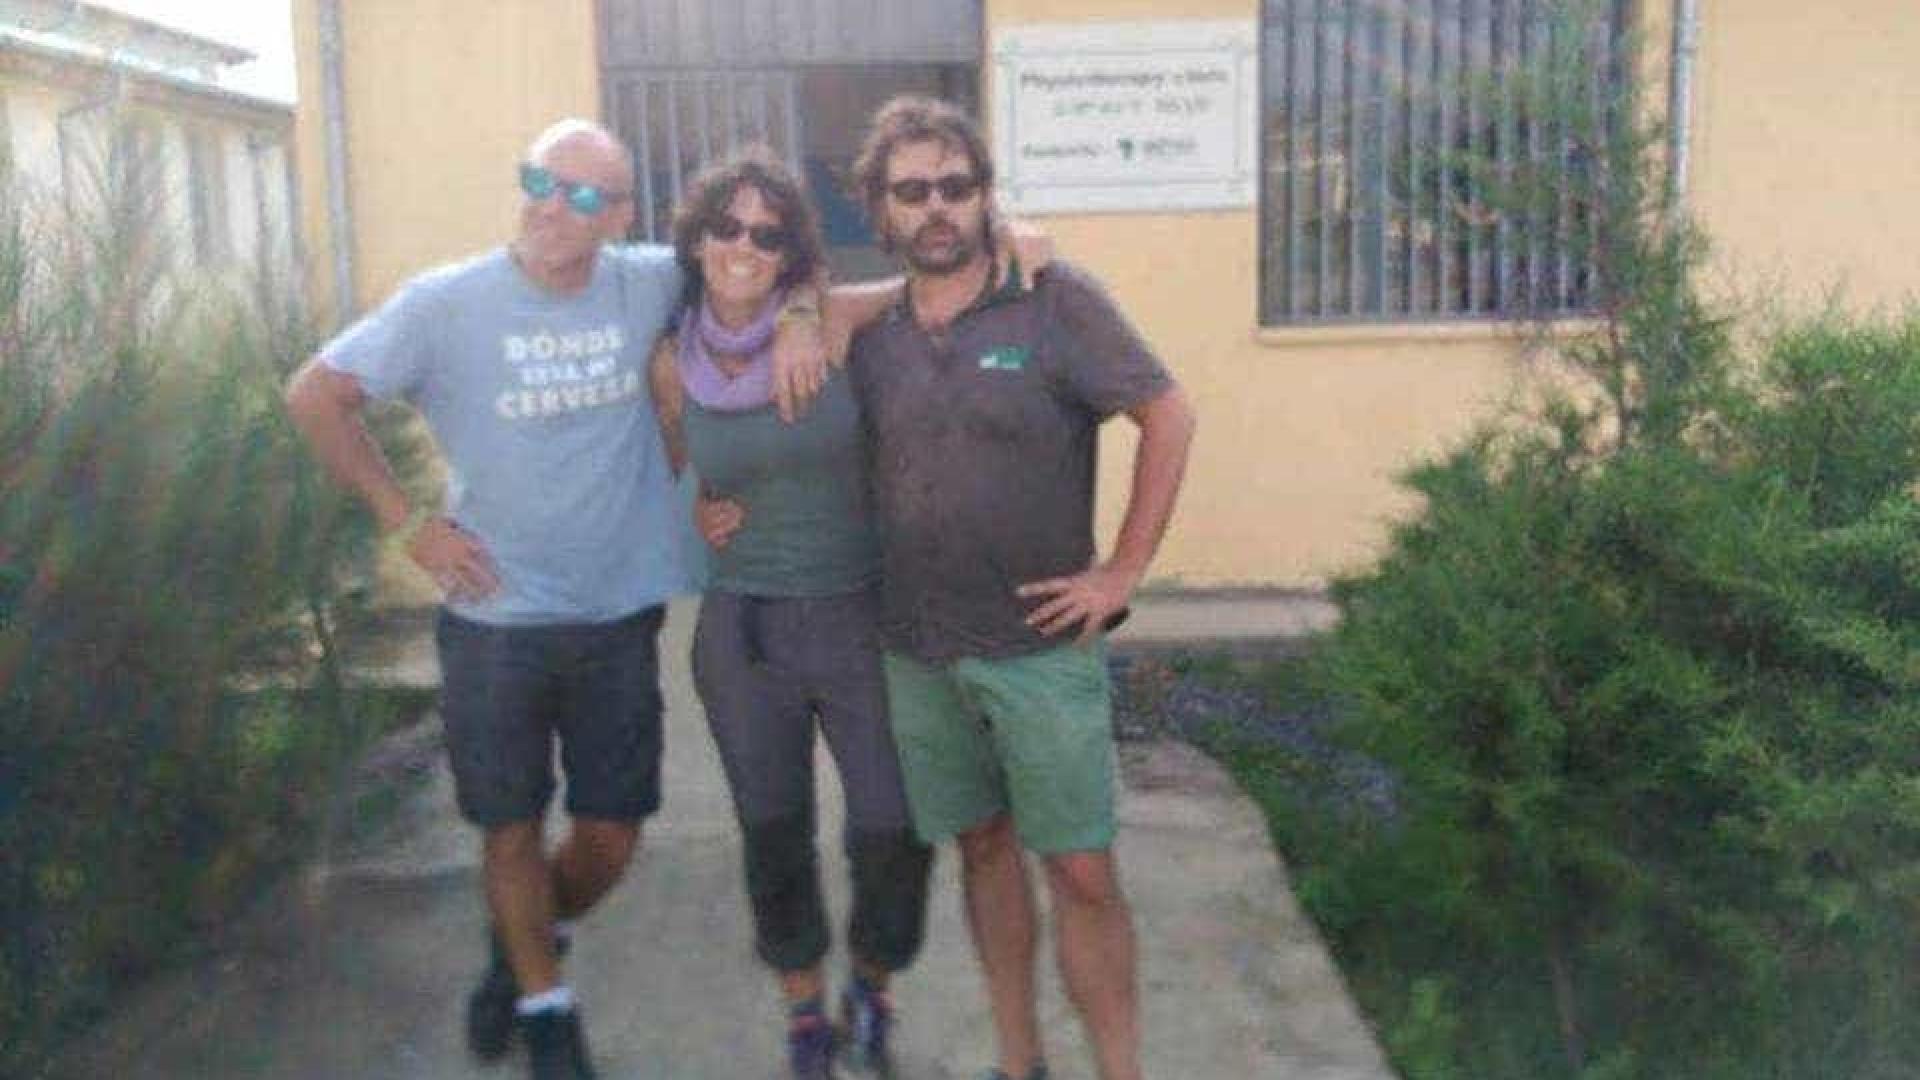 Fisioterapeuta espanhola assassinada no Afeganistão